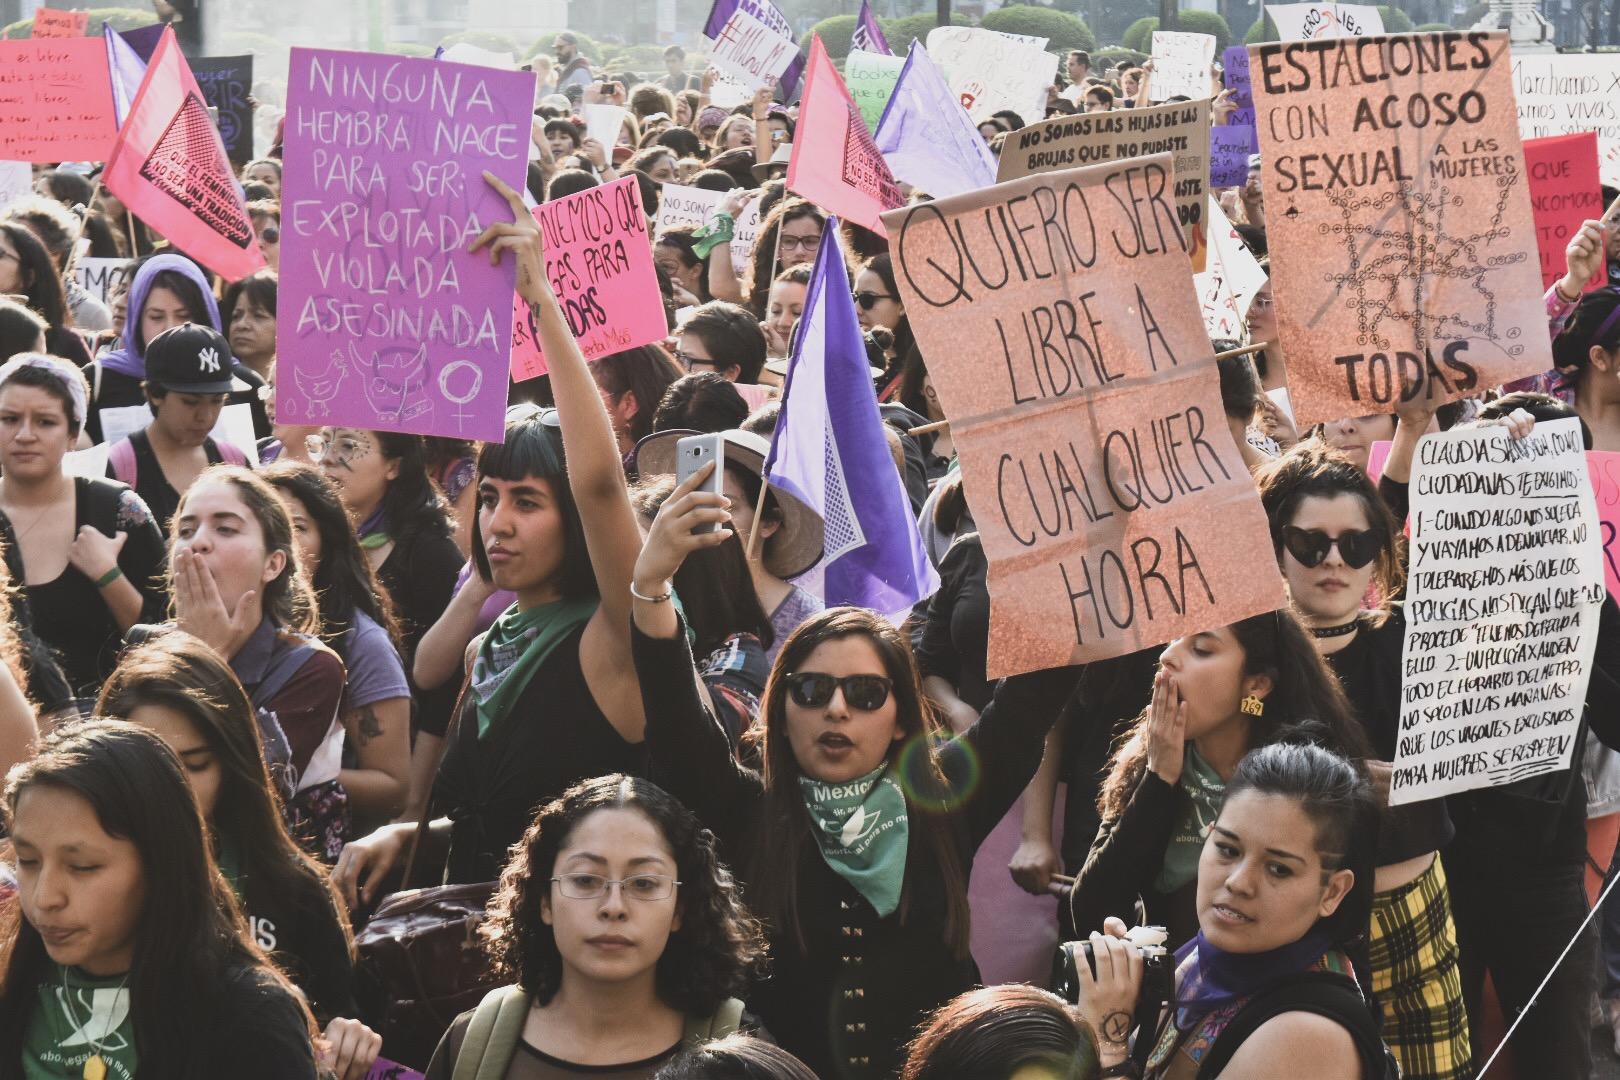 Foto: Emily Ochoa / Ibero 90.9